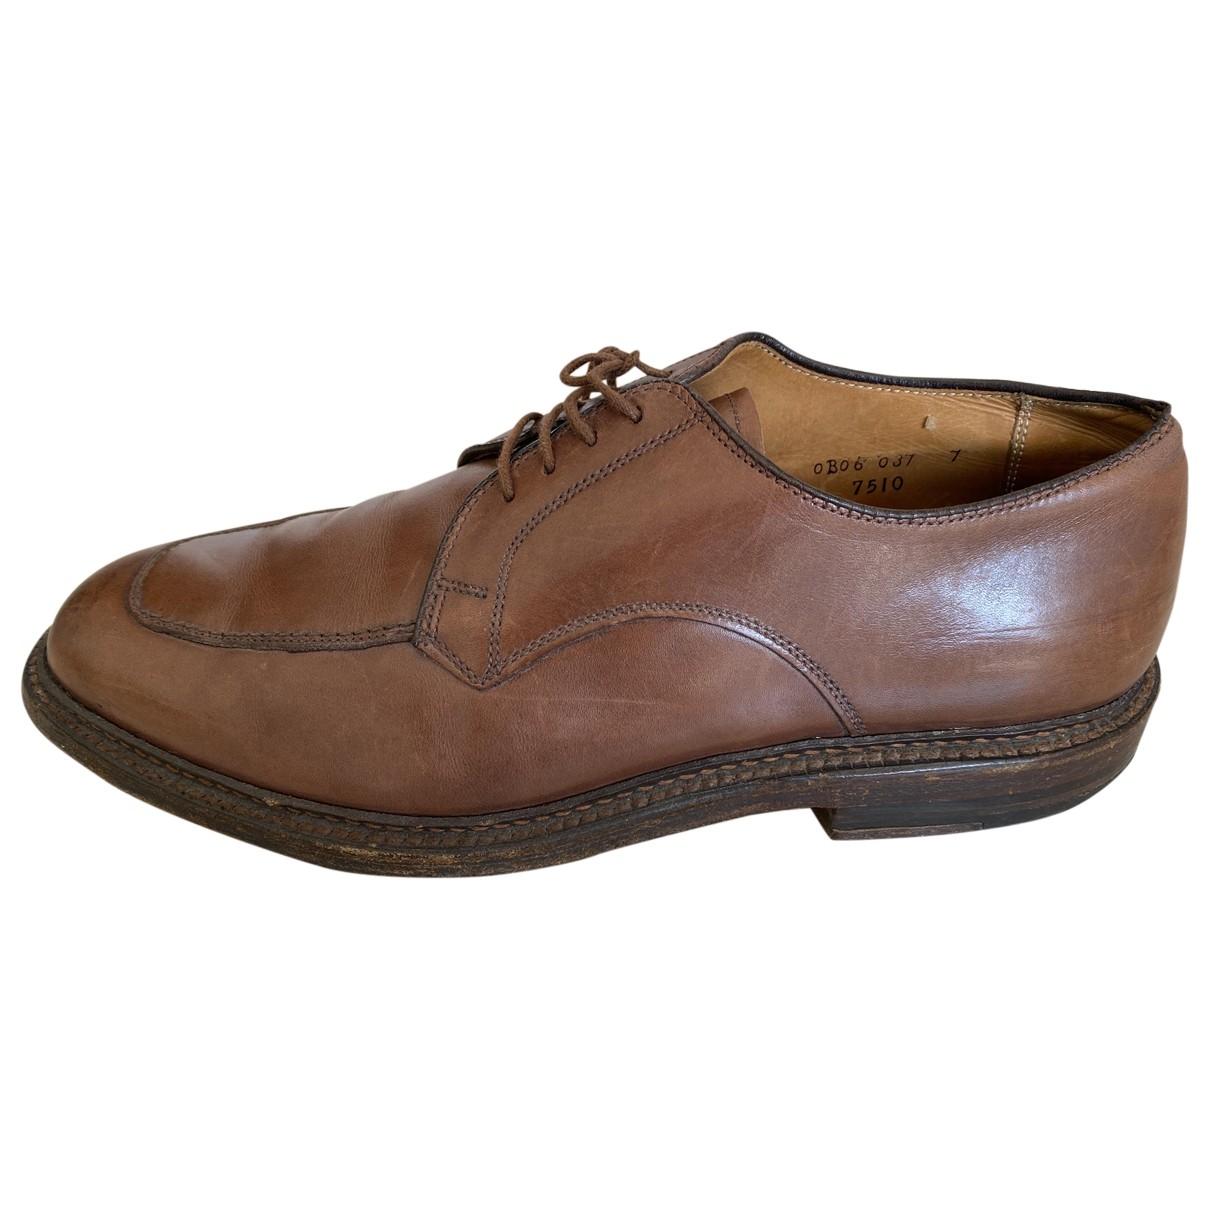 Alden - Derbies   pour homme en cuir - marron